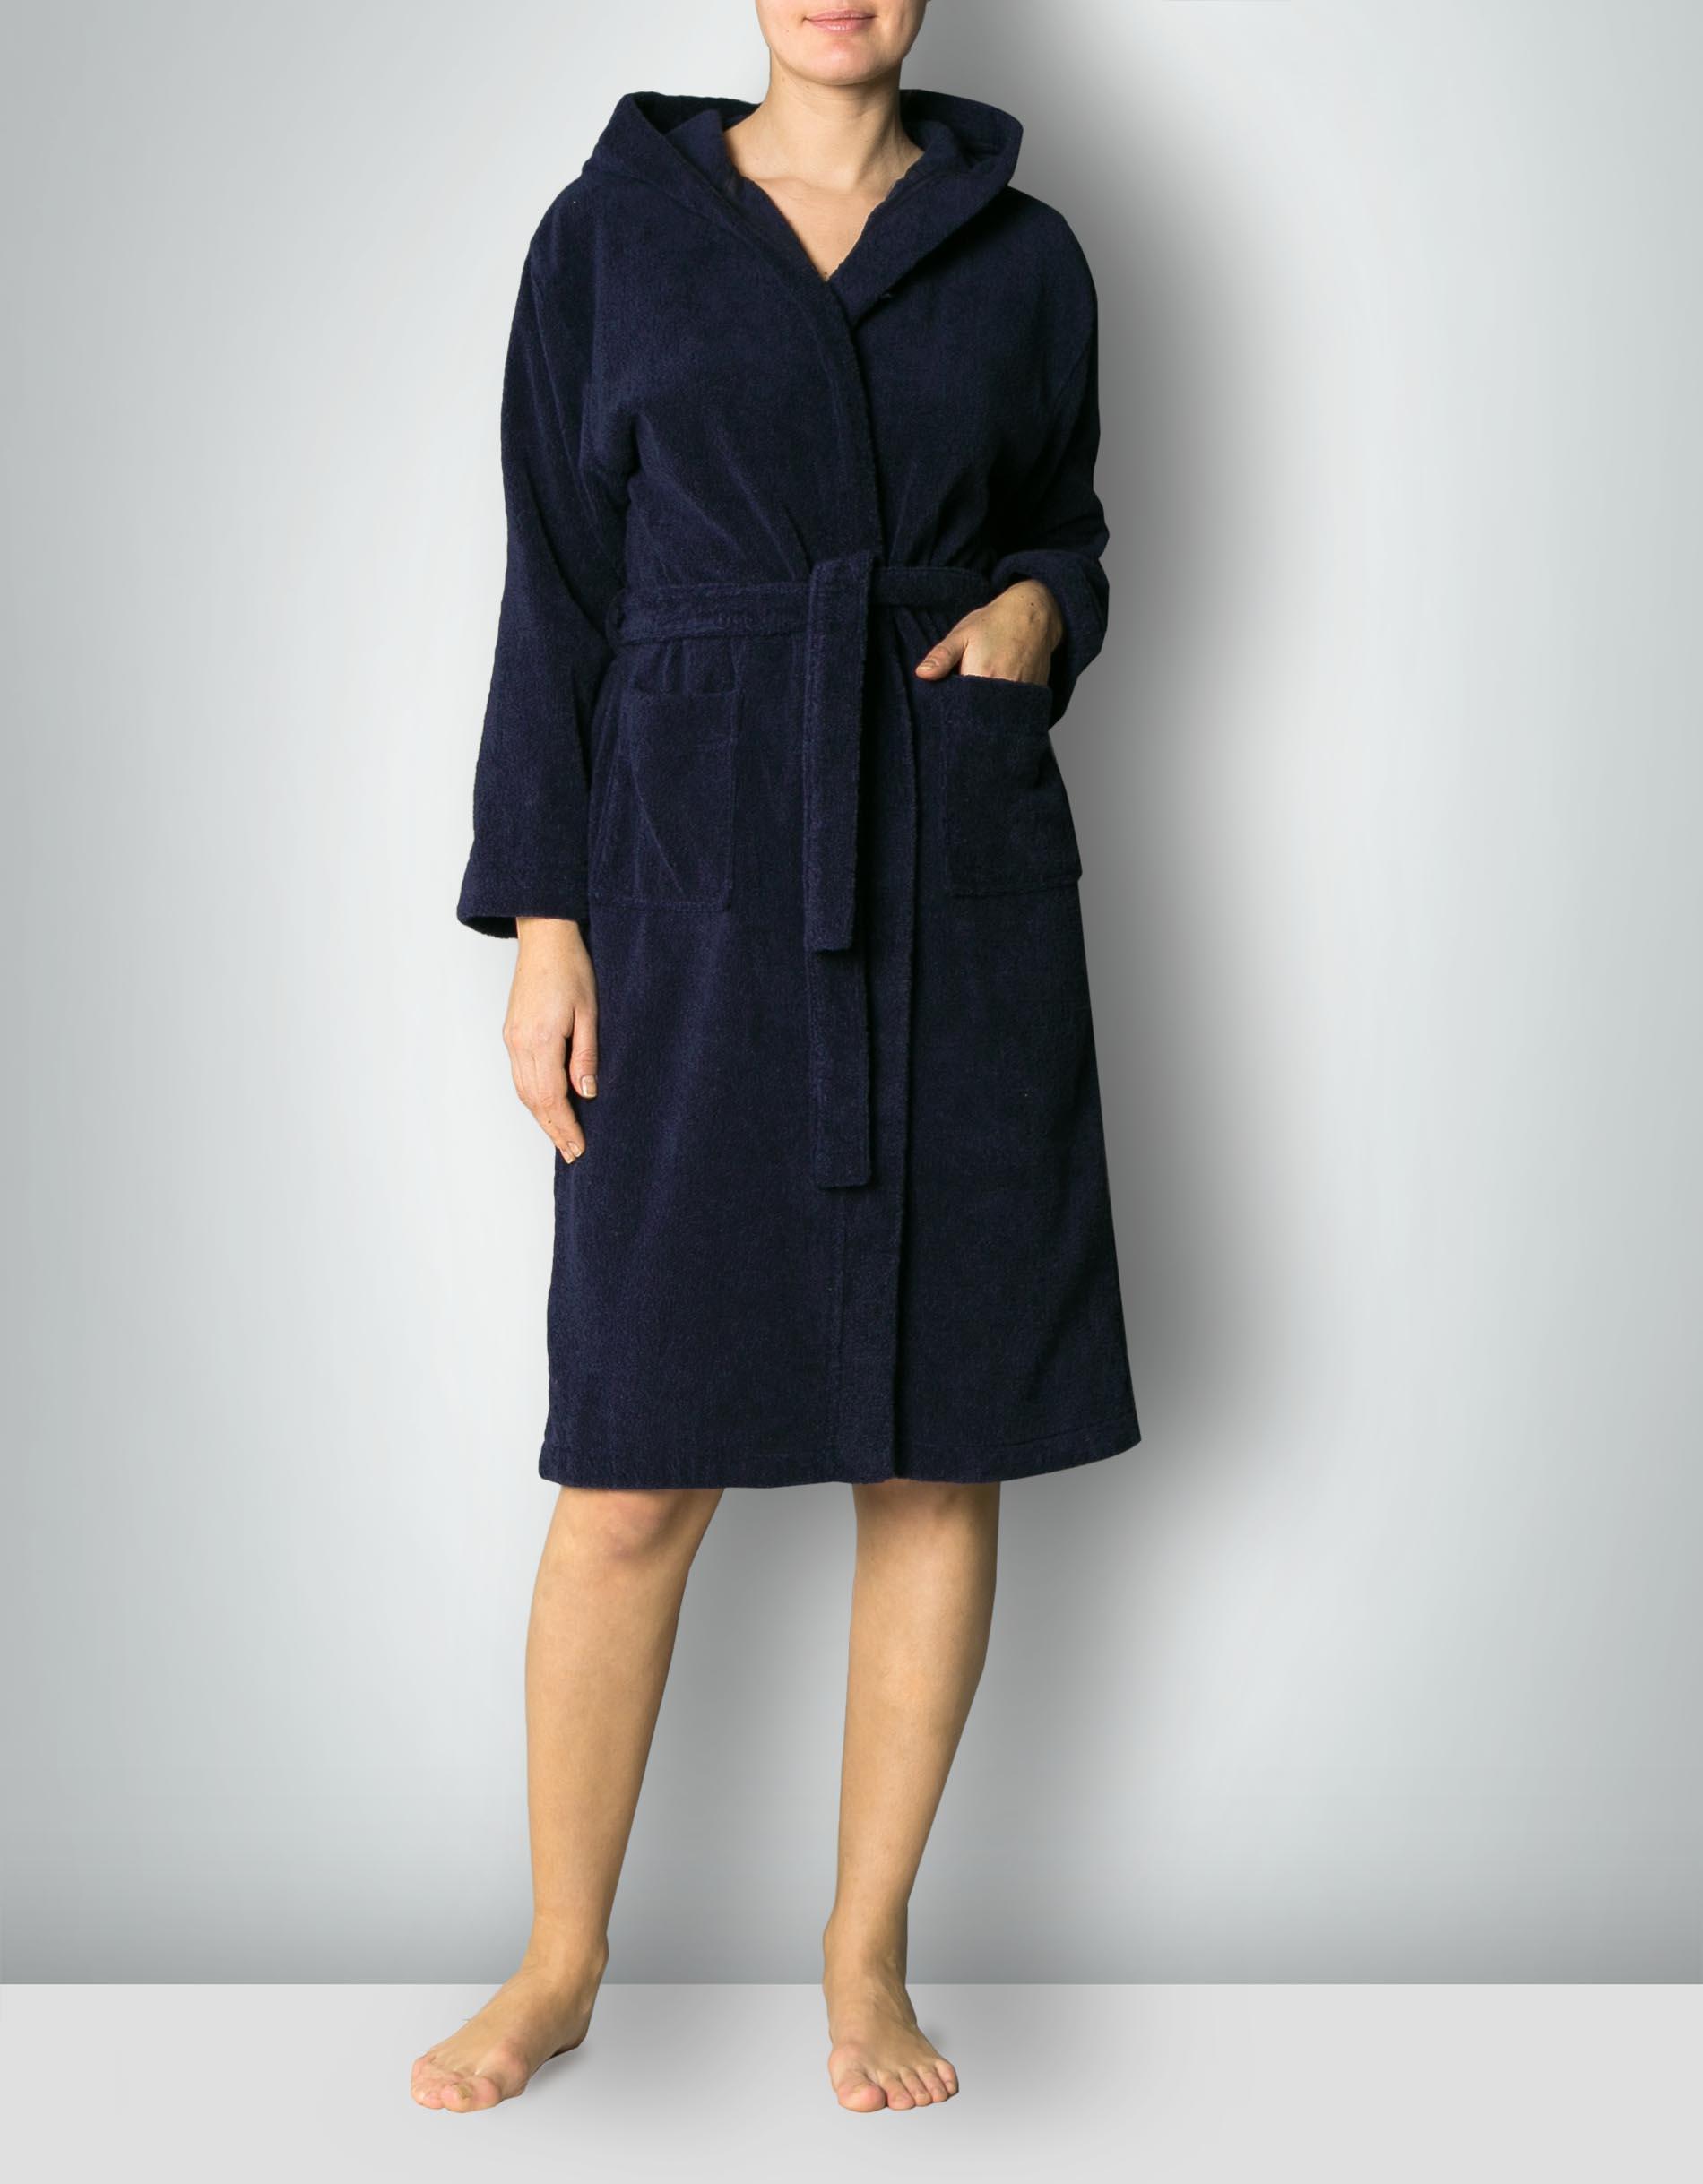 schiesser damen bademantel mit kapuze baumwollfrottee dunkelblau empfohlen von deinen schwestern. Black Bedroom Furniture Sets. Home Design Ideas